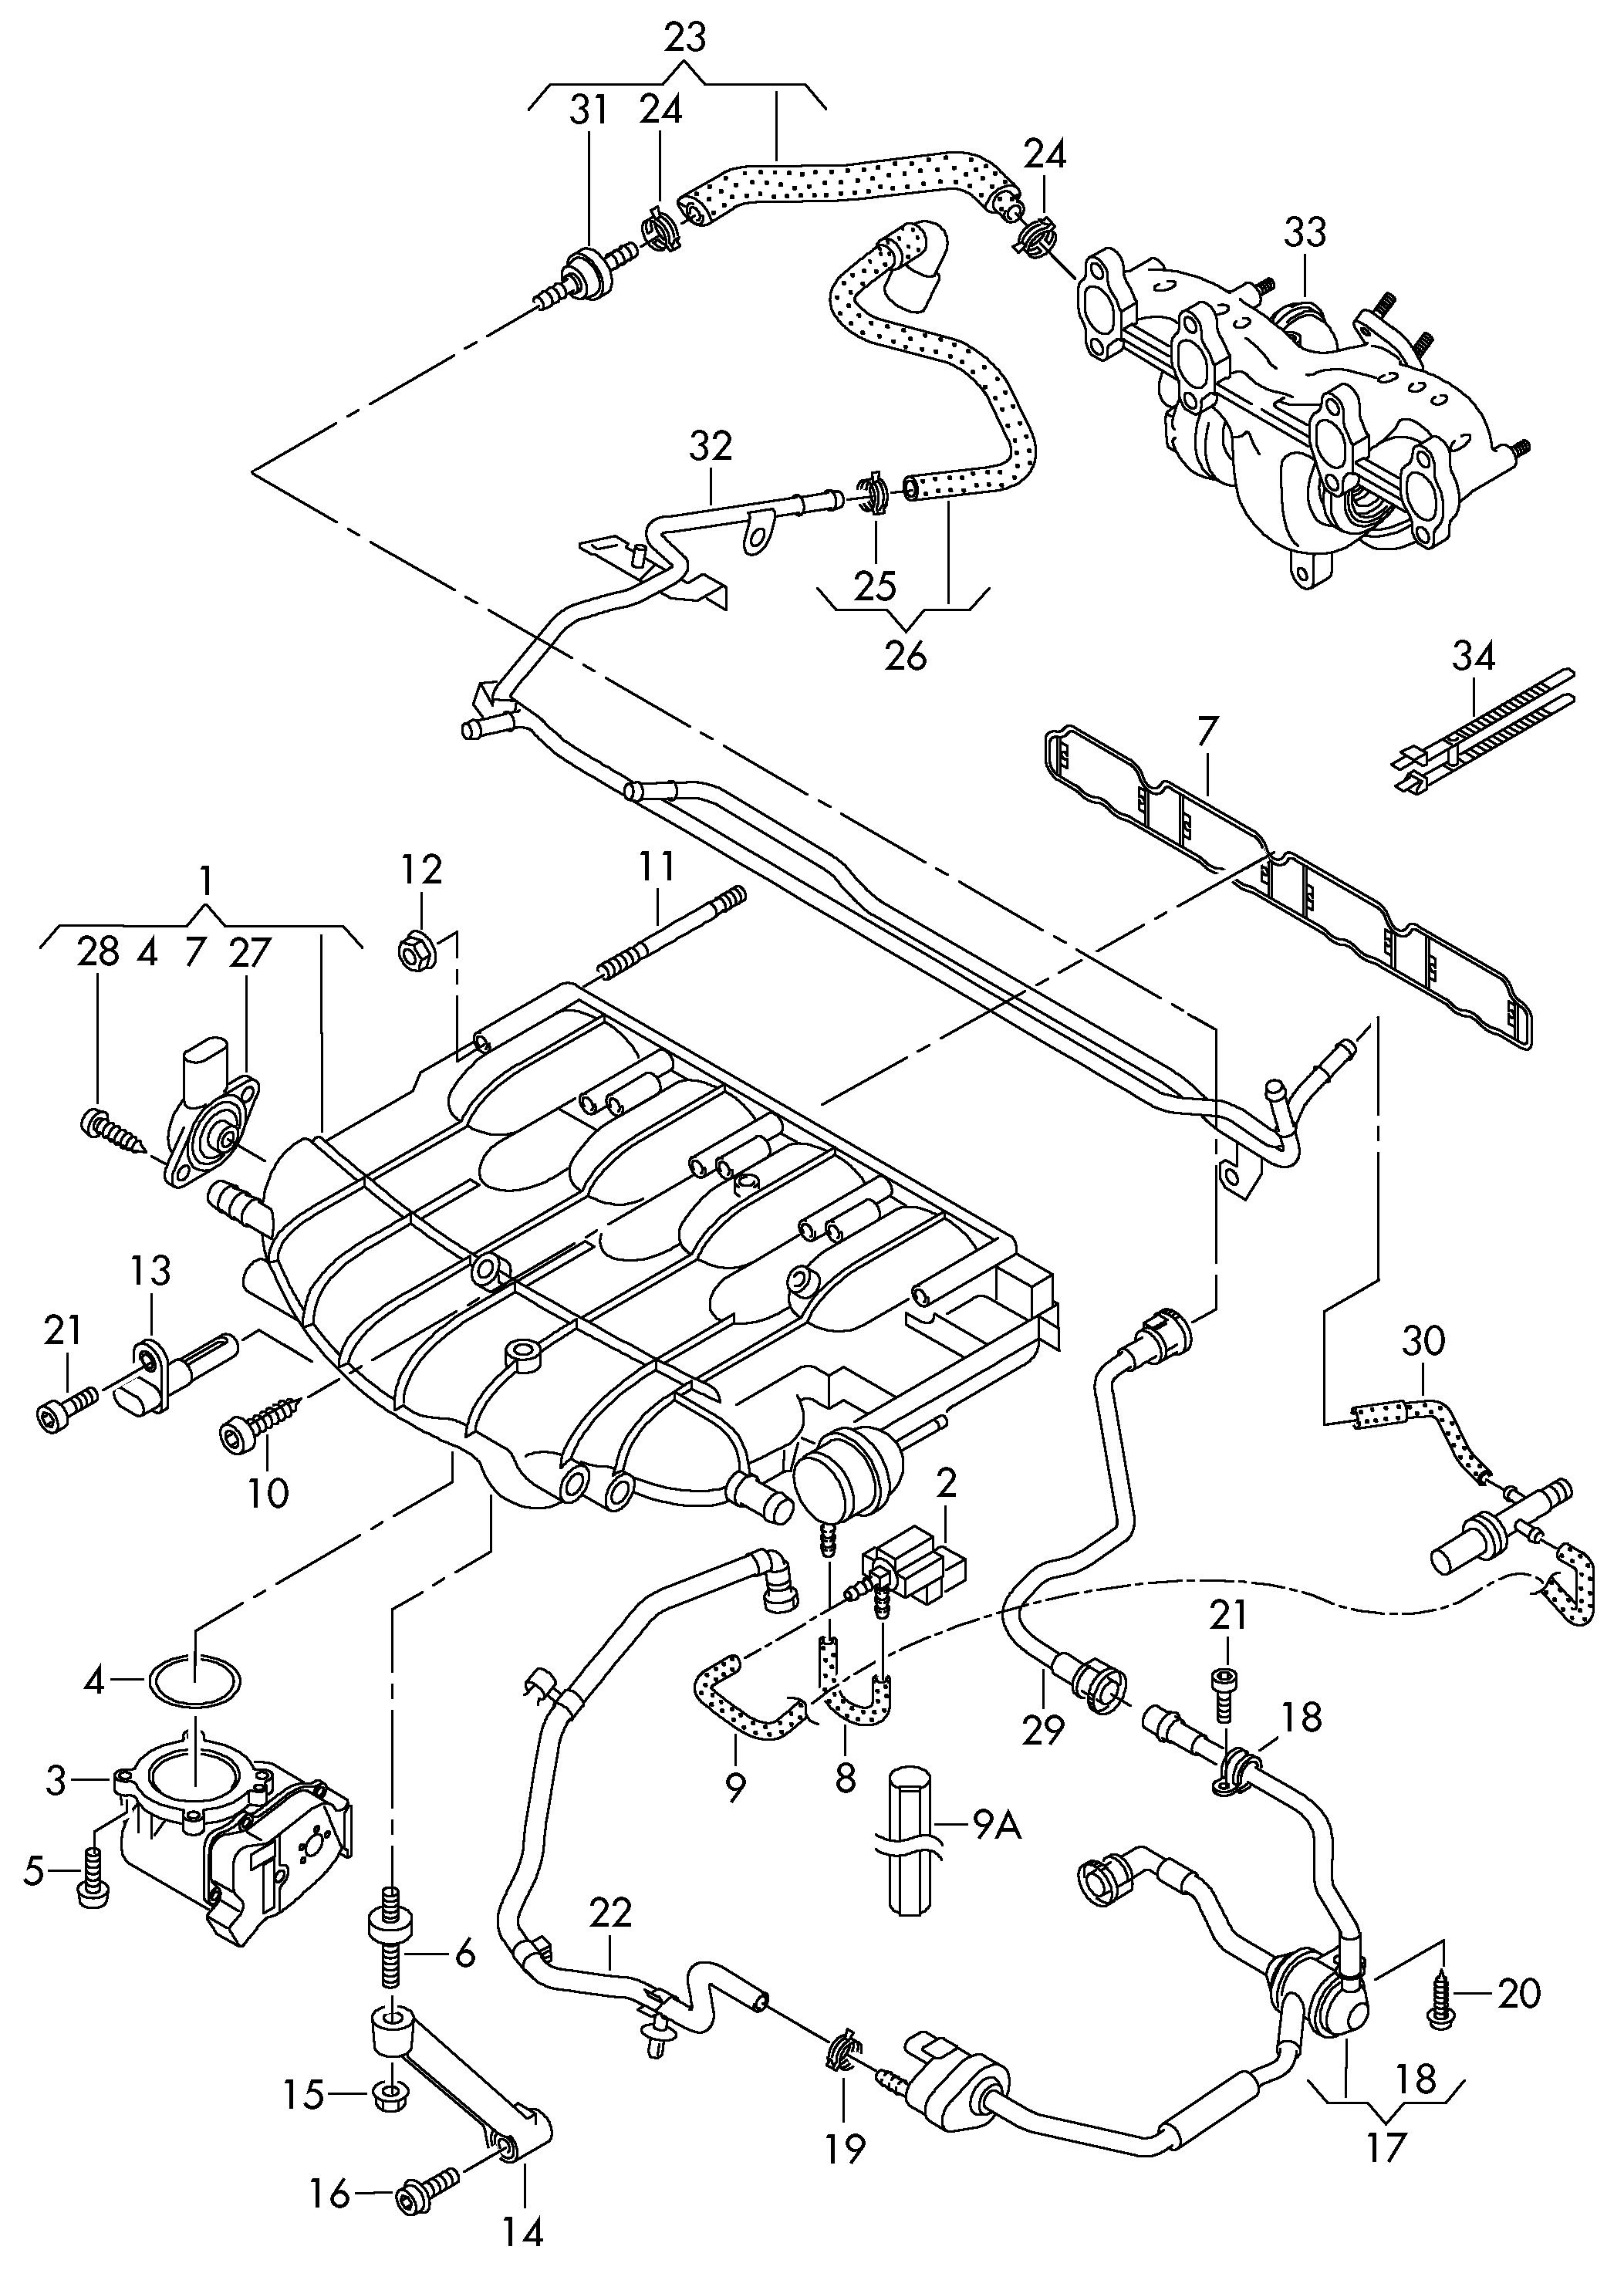 VW, Golf/R32/GTI/Rabbit USA, 2013, Engine, 13330 - Catcar.infoCATCAR.INFO